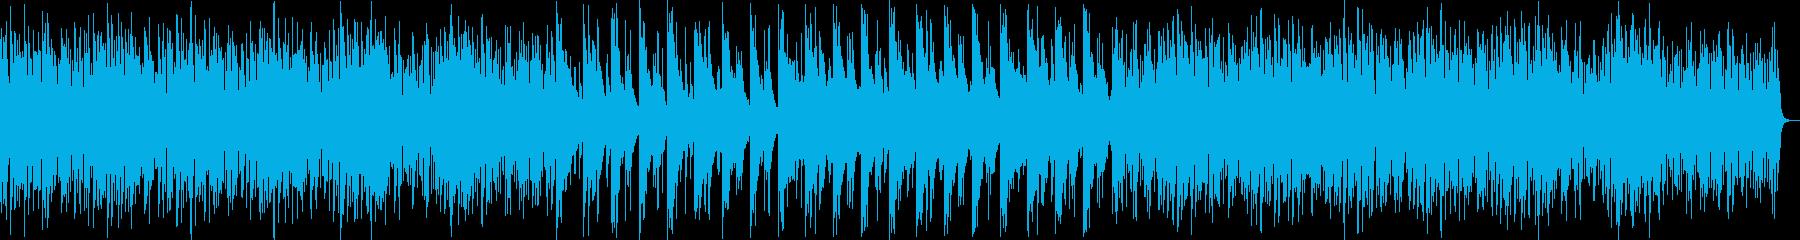 ミステリアスなシンセ・木琴サウンドの再生済みの波形